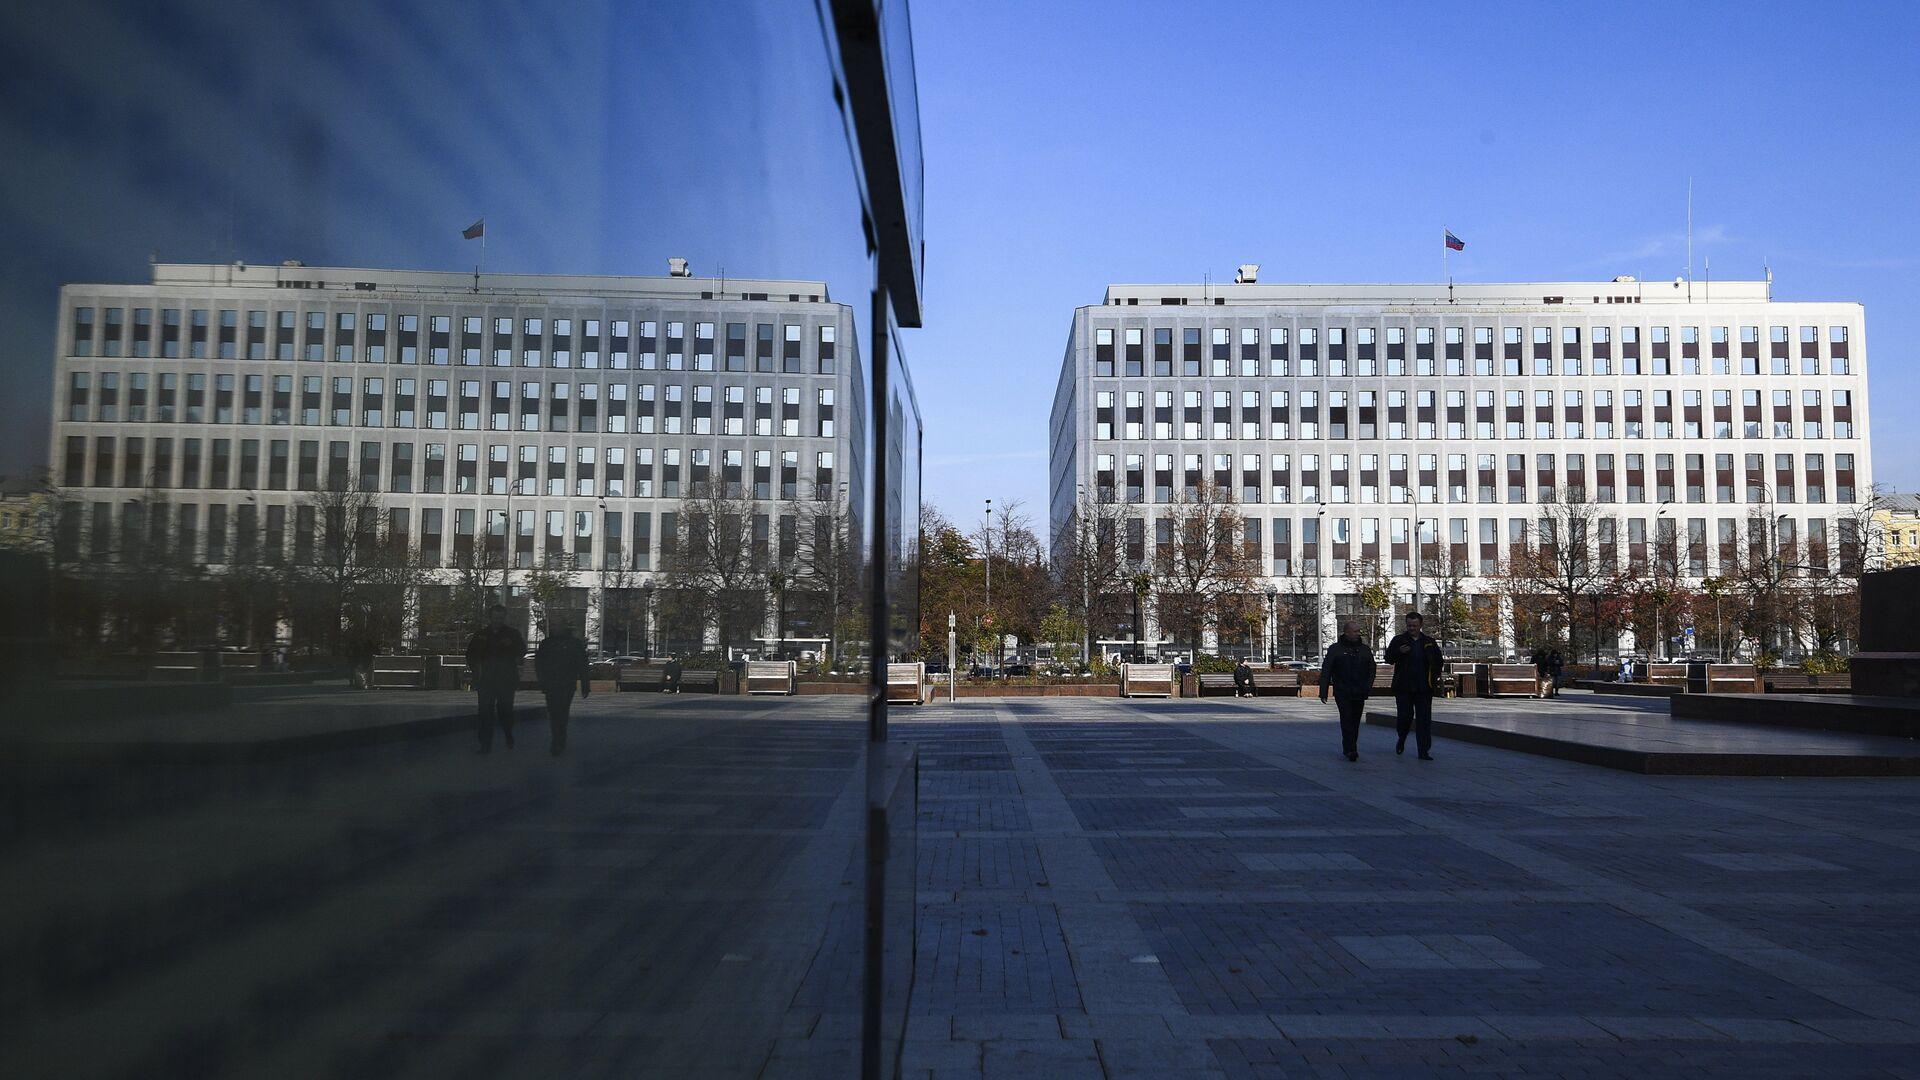 Вид на здание Министерства внутренних дел РФ - РИА Новости, 1920, 31.01.2020